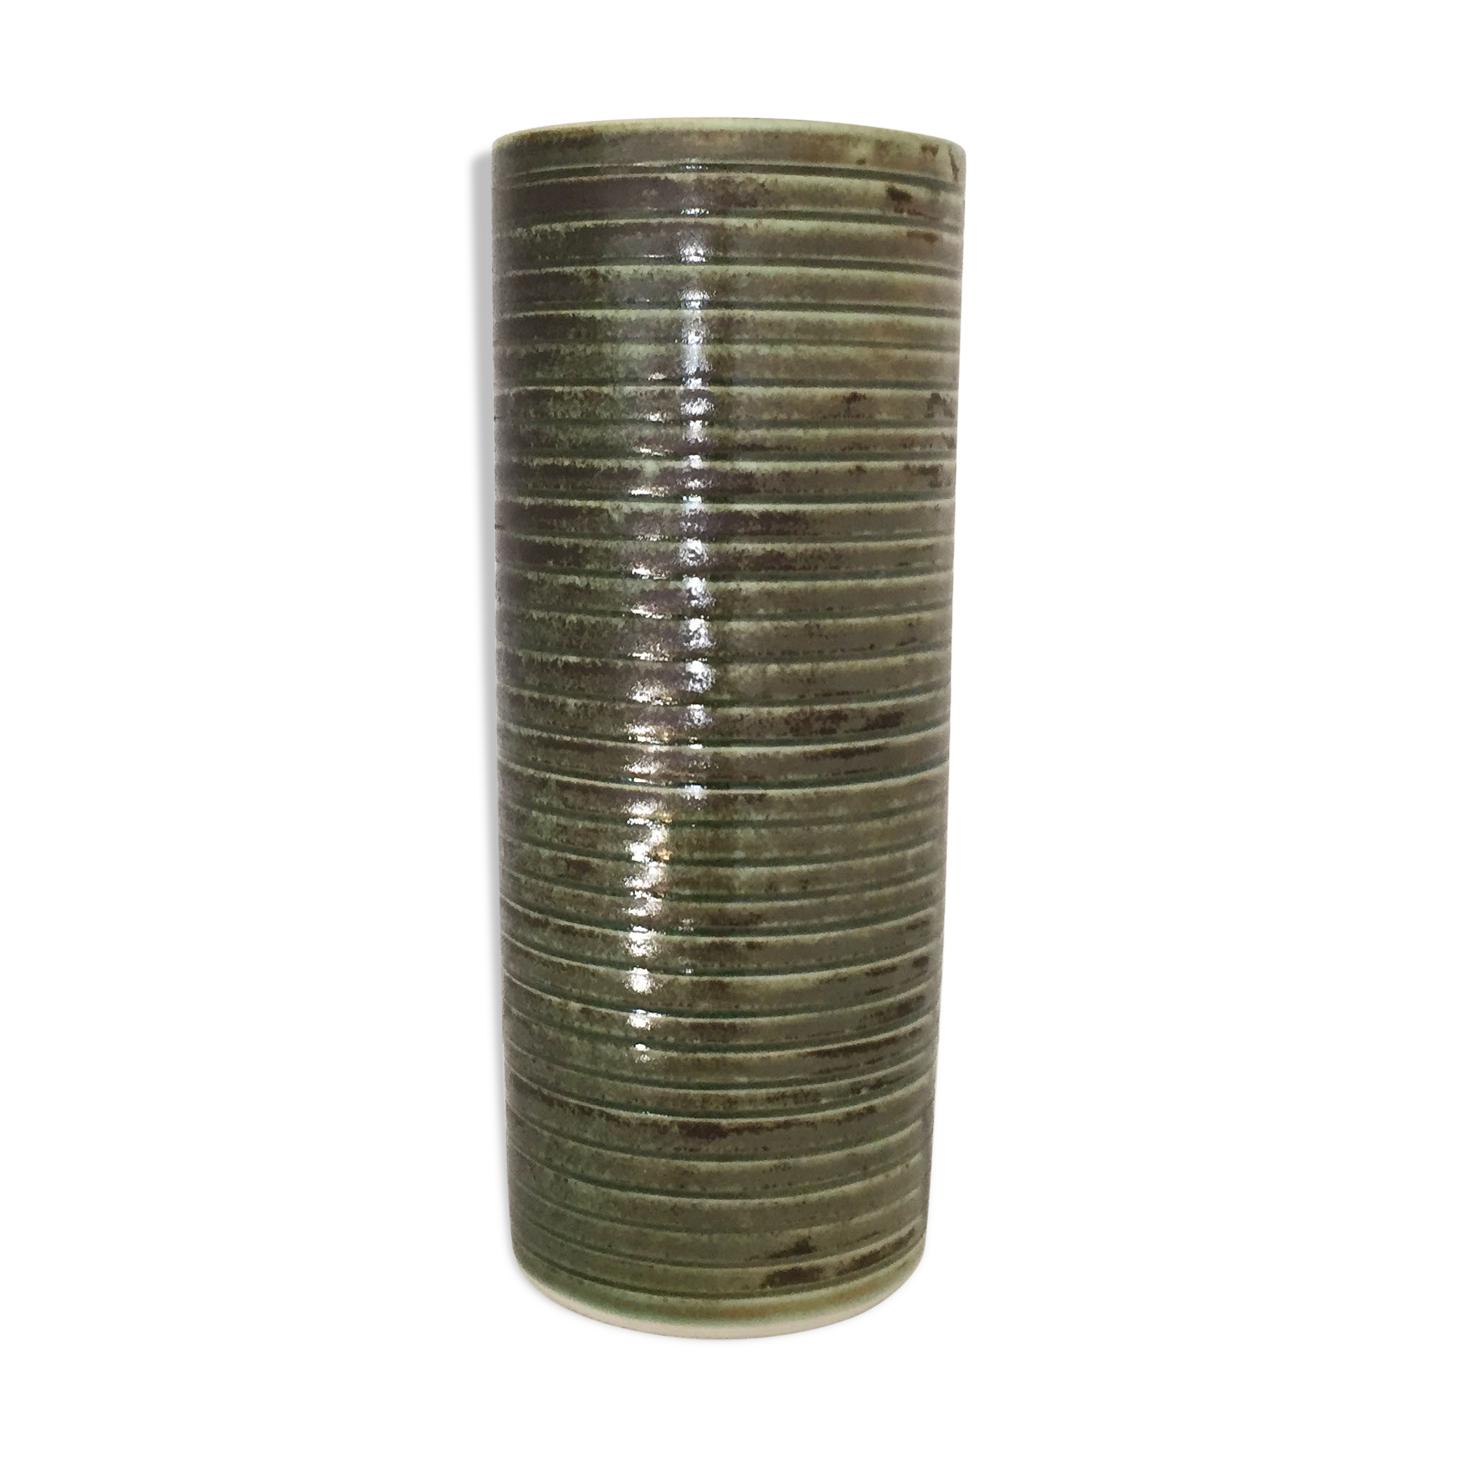 Vase cylindrique années 1950